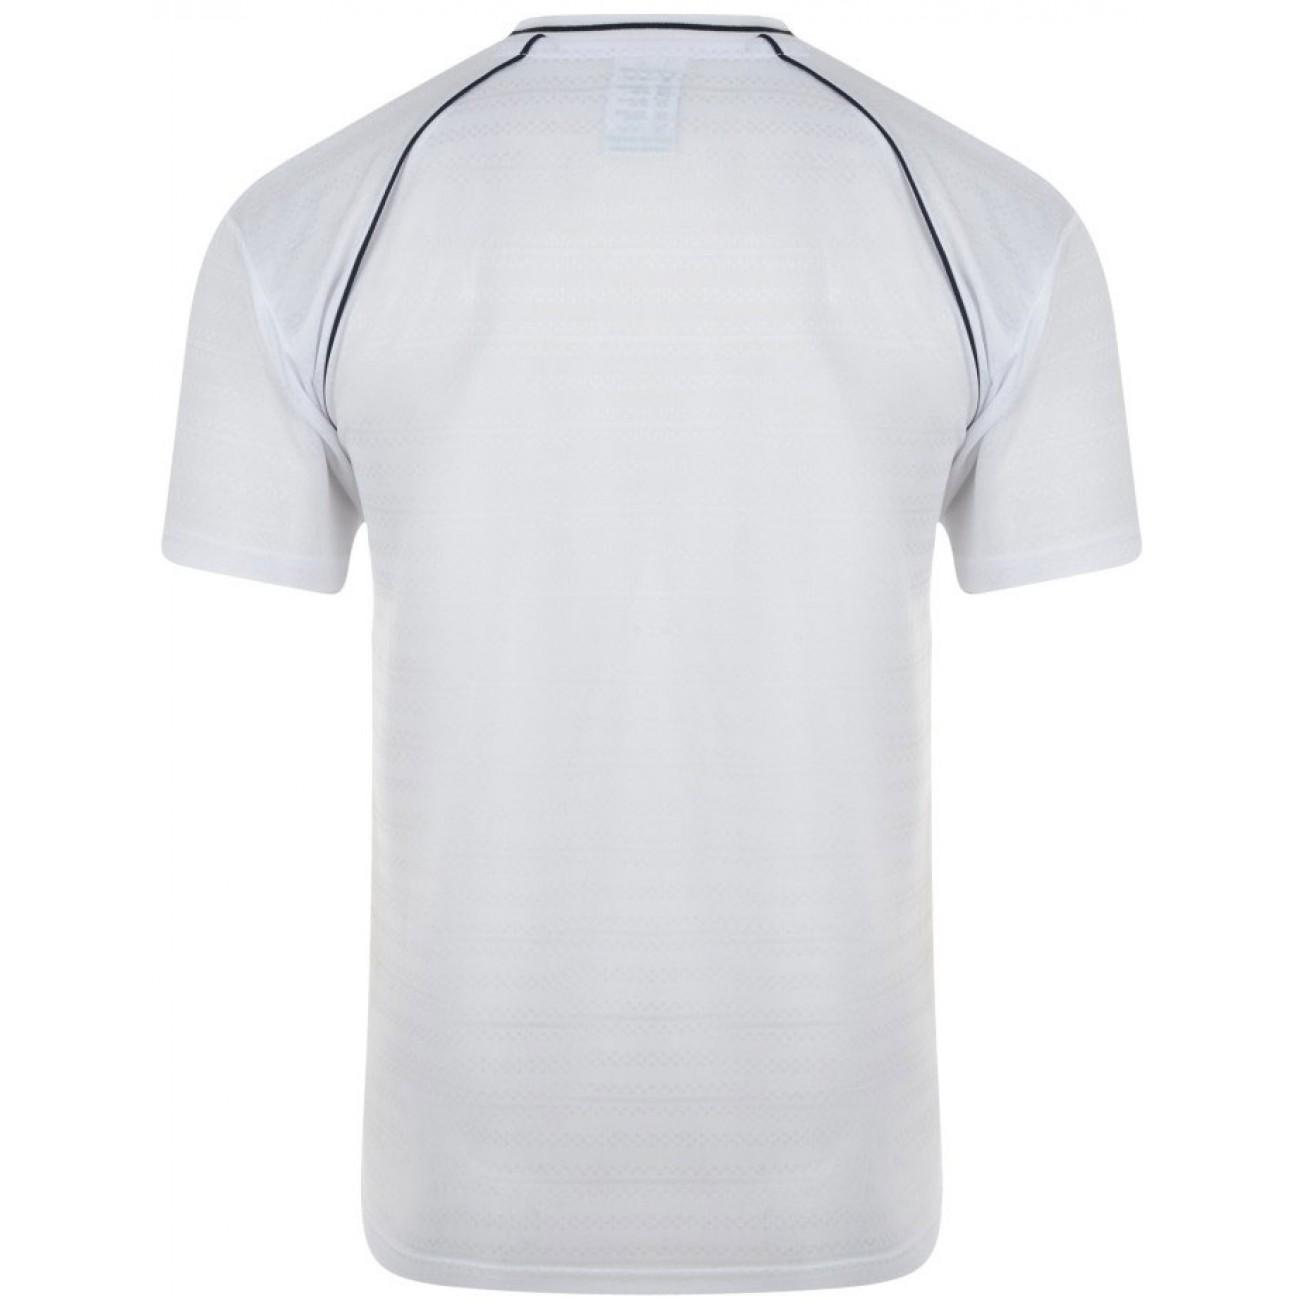 ed6275fa3 Tottenham Hotspur 1990 91 Retro Shirt